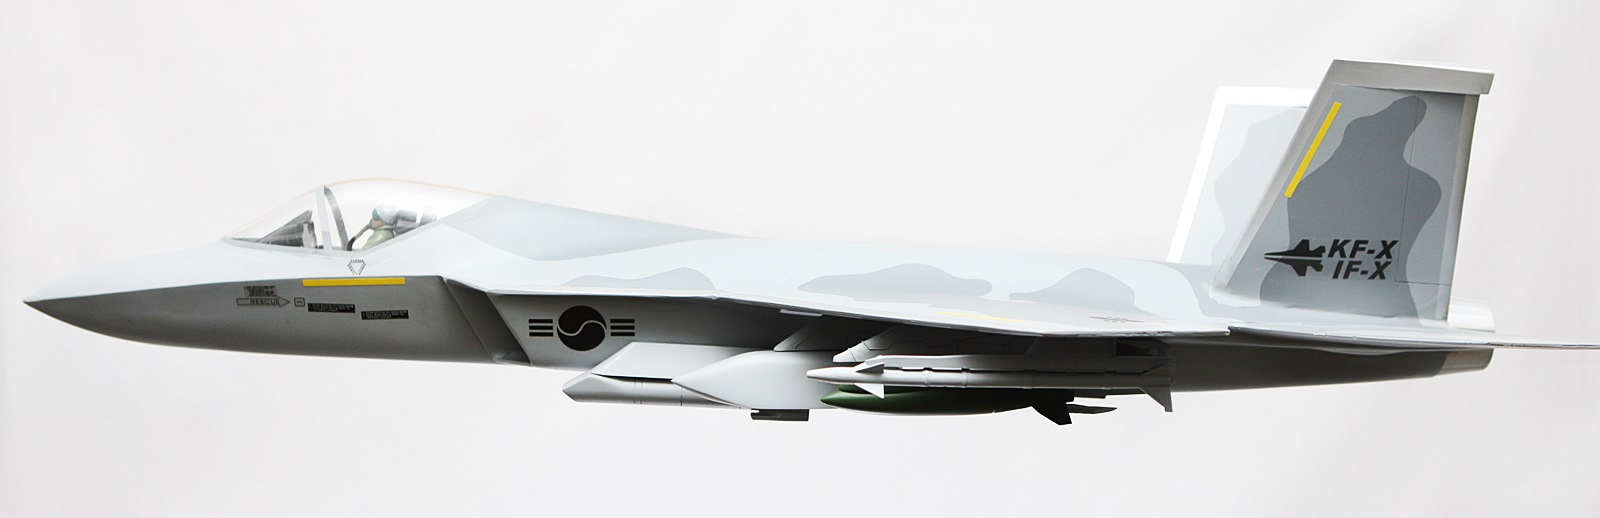 미제 F-35는 스텔스라 단발기, KFX는 못 미더워 ..